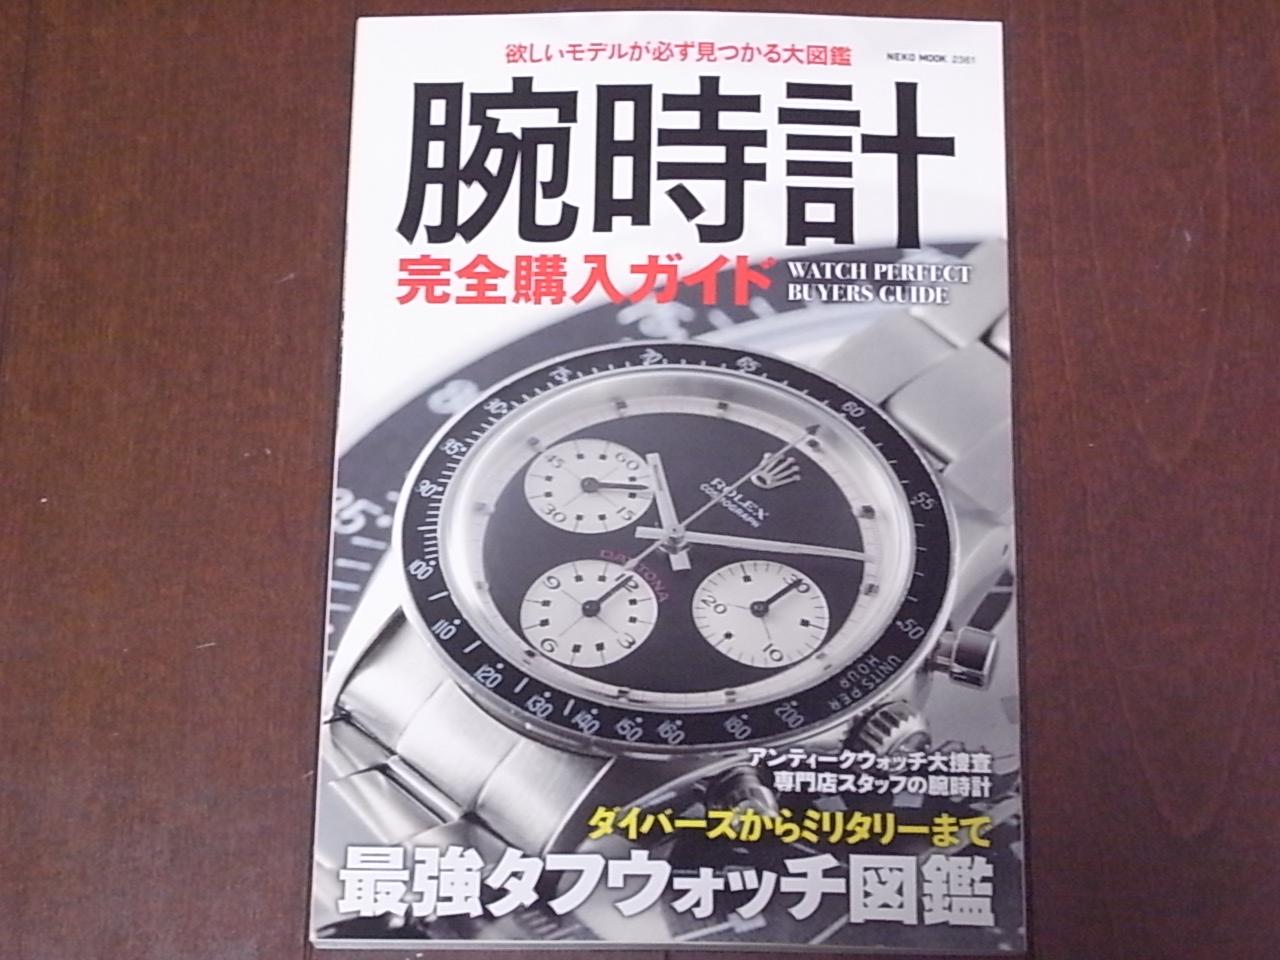 腕時計完全購入ガイド 発売 コンビニ限定!